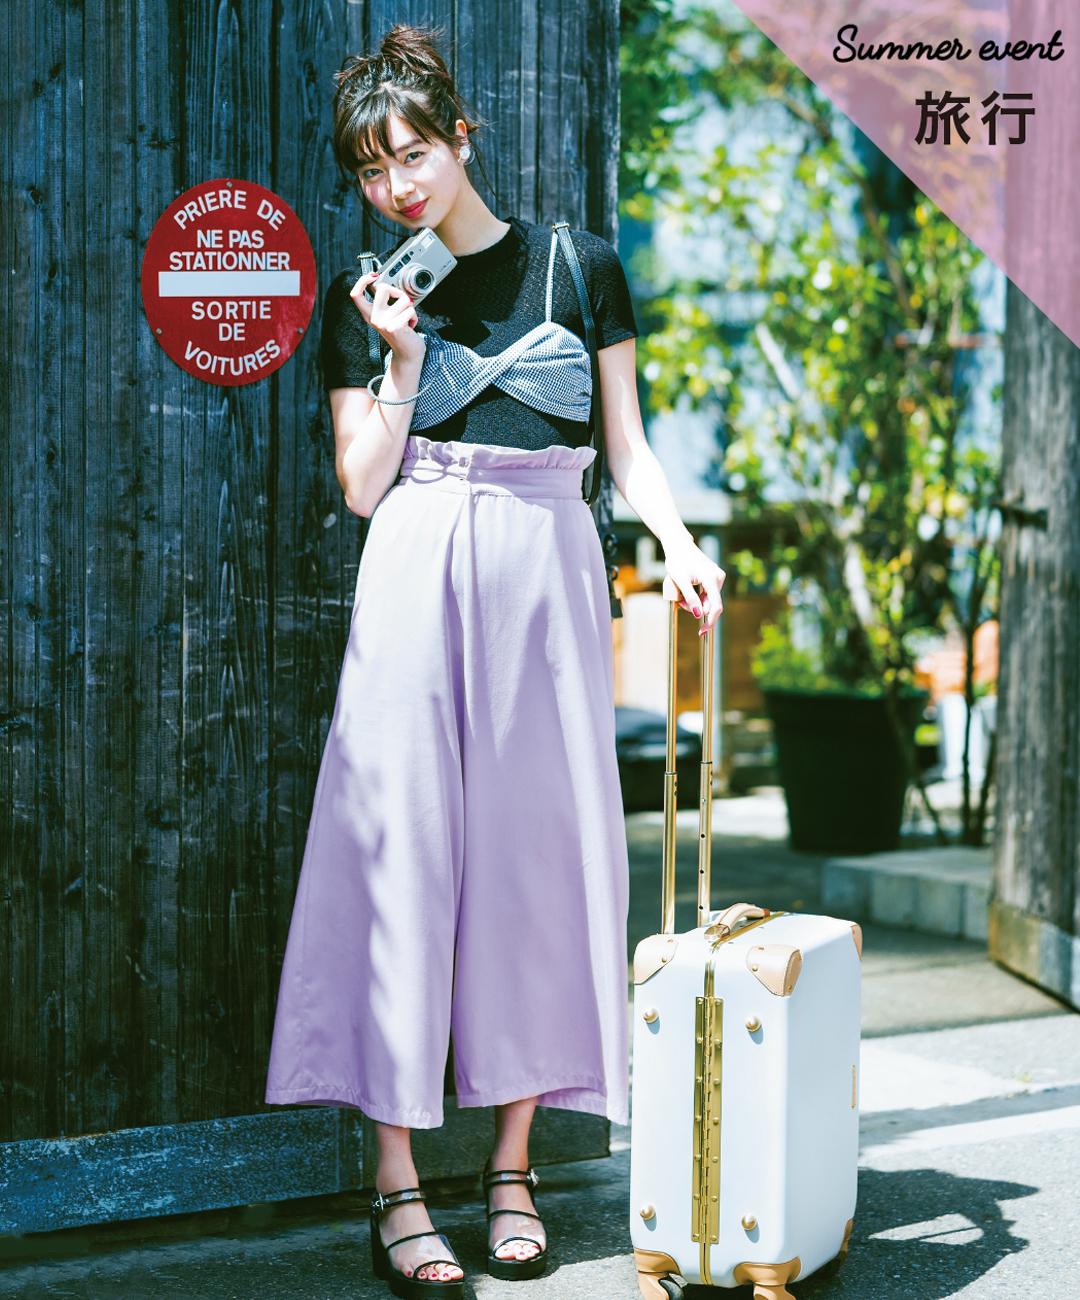 【夏のパンツコーデ】新川優愛の、大人可愛くて動きやすい涼しげワイドパンツ♡